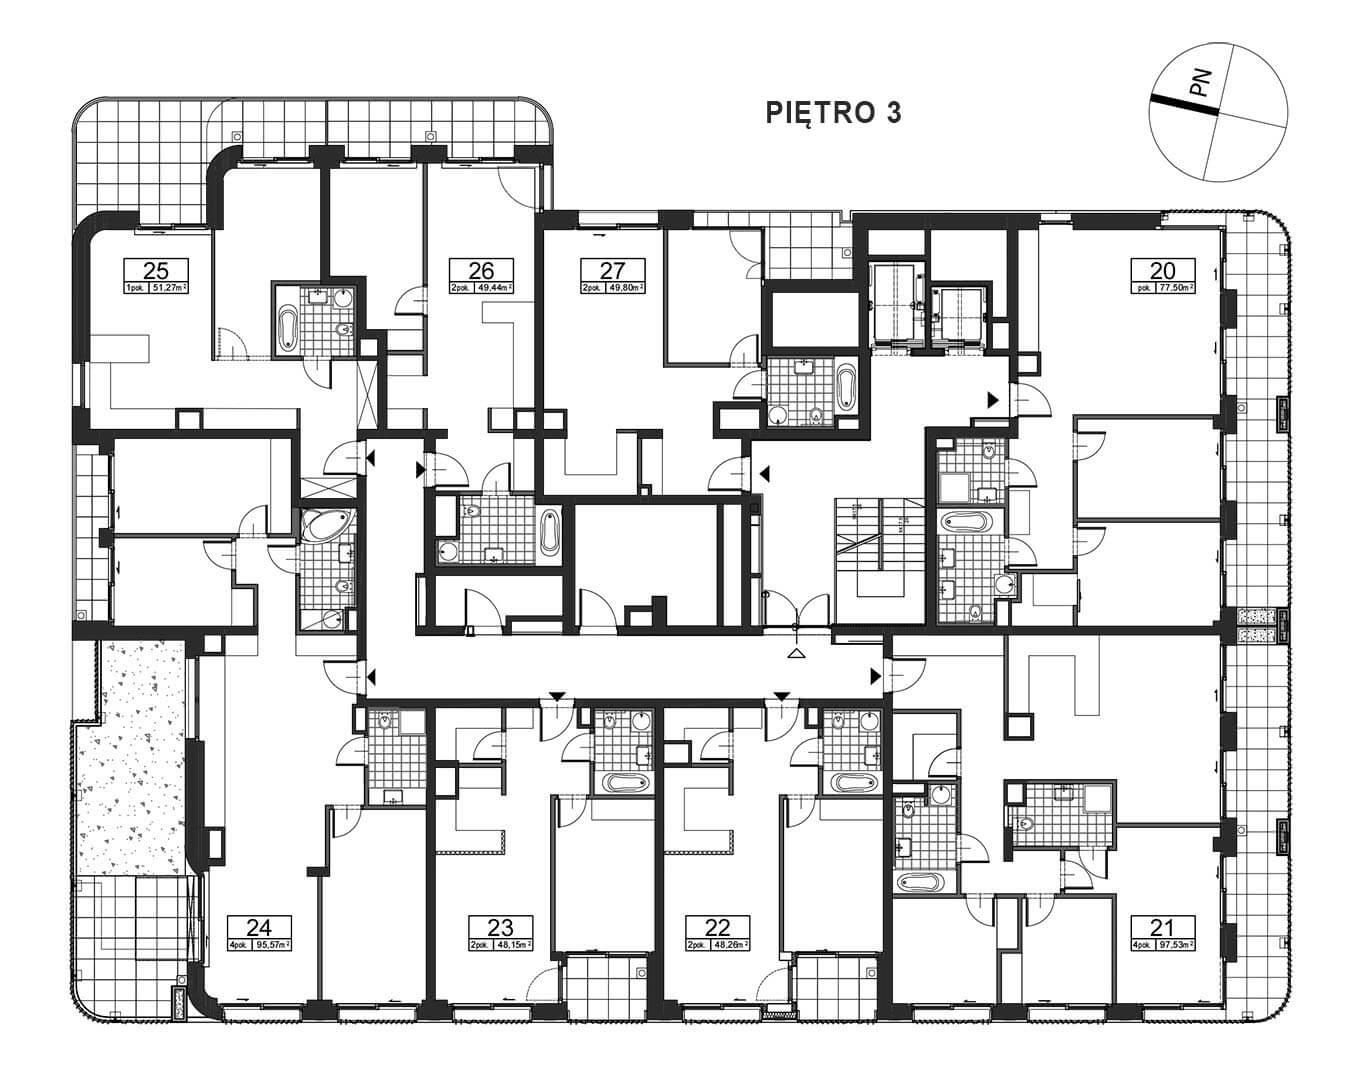 Górnośląska 6 - Piętro 3